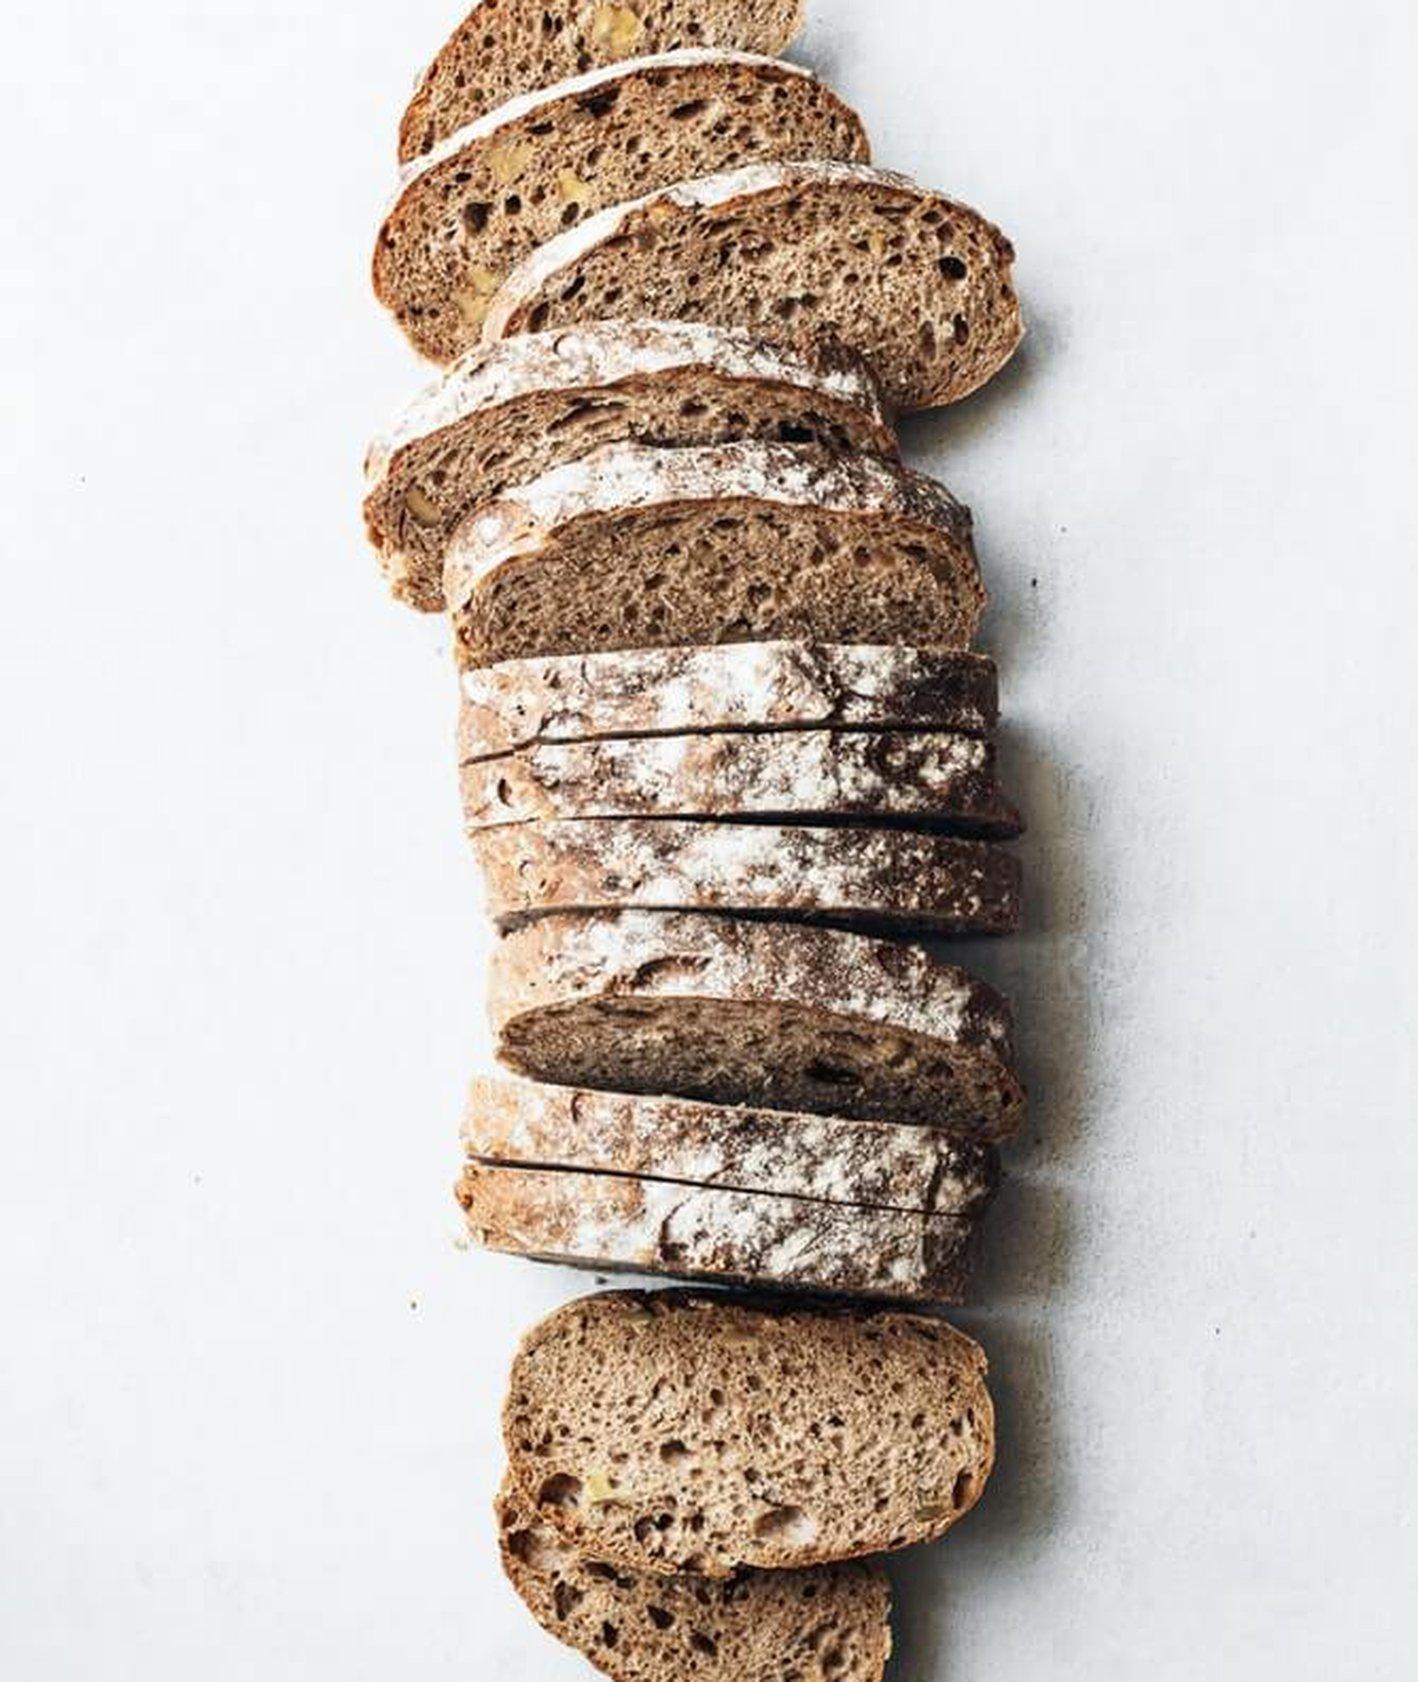 sposoby na suchy chleb, zero waste